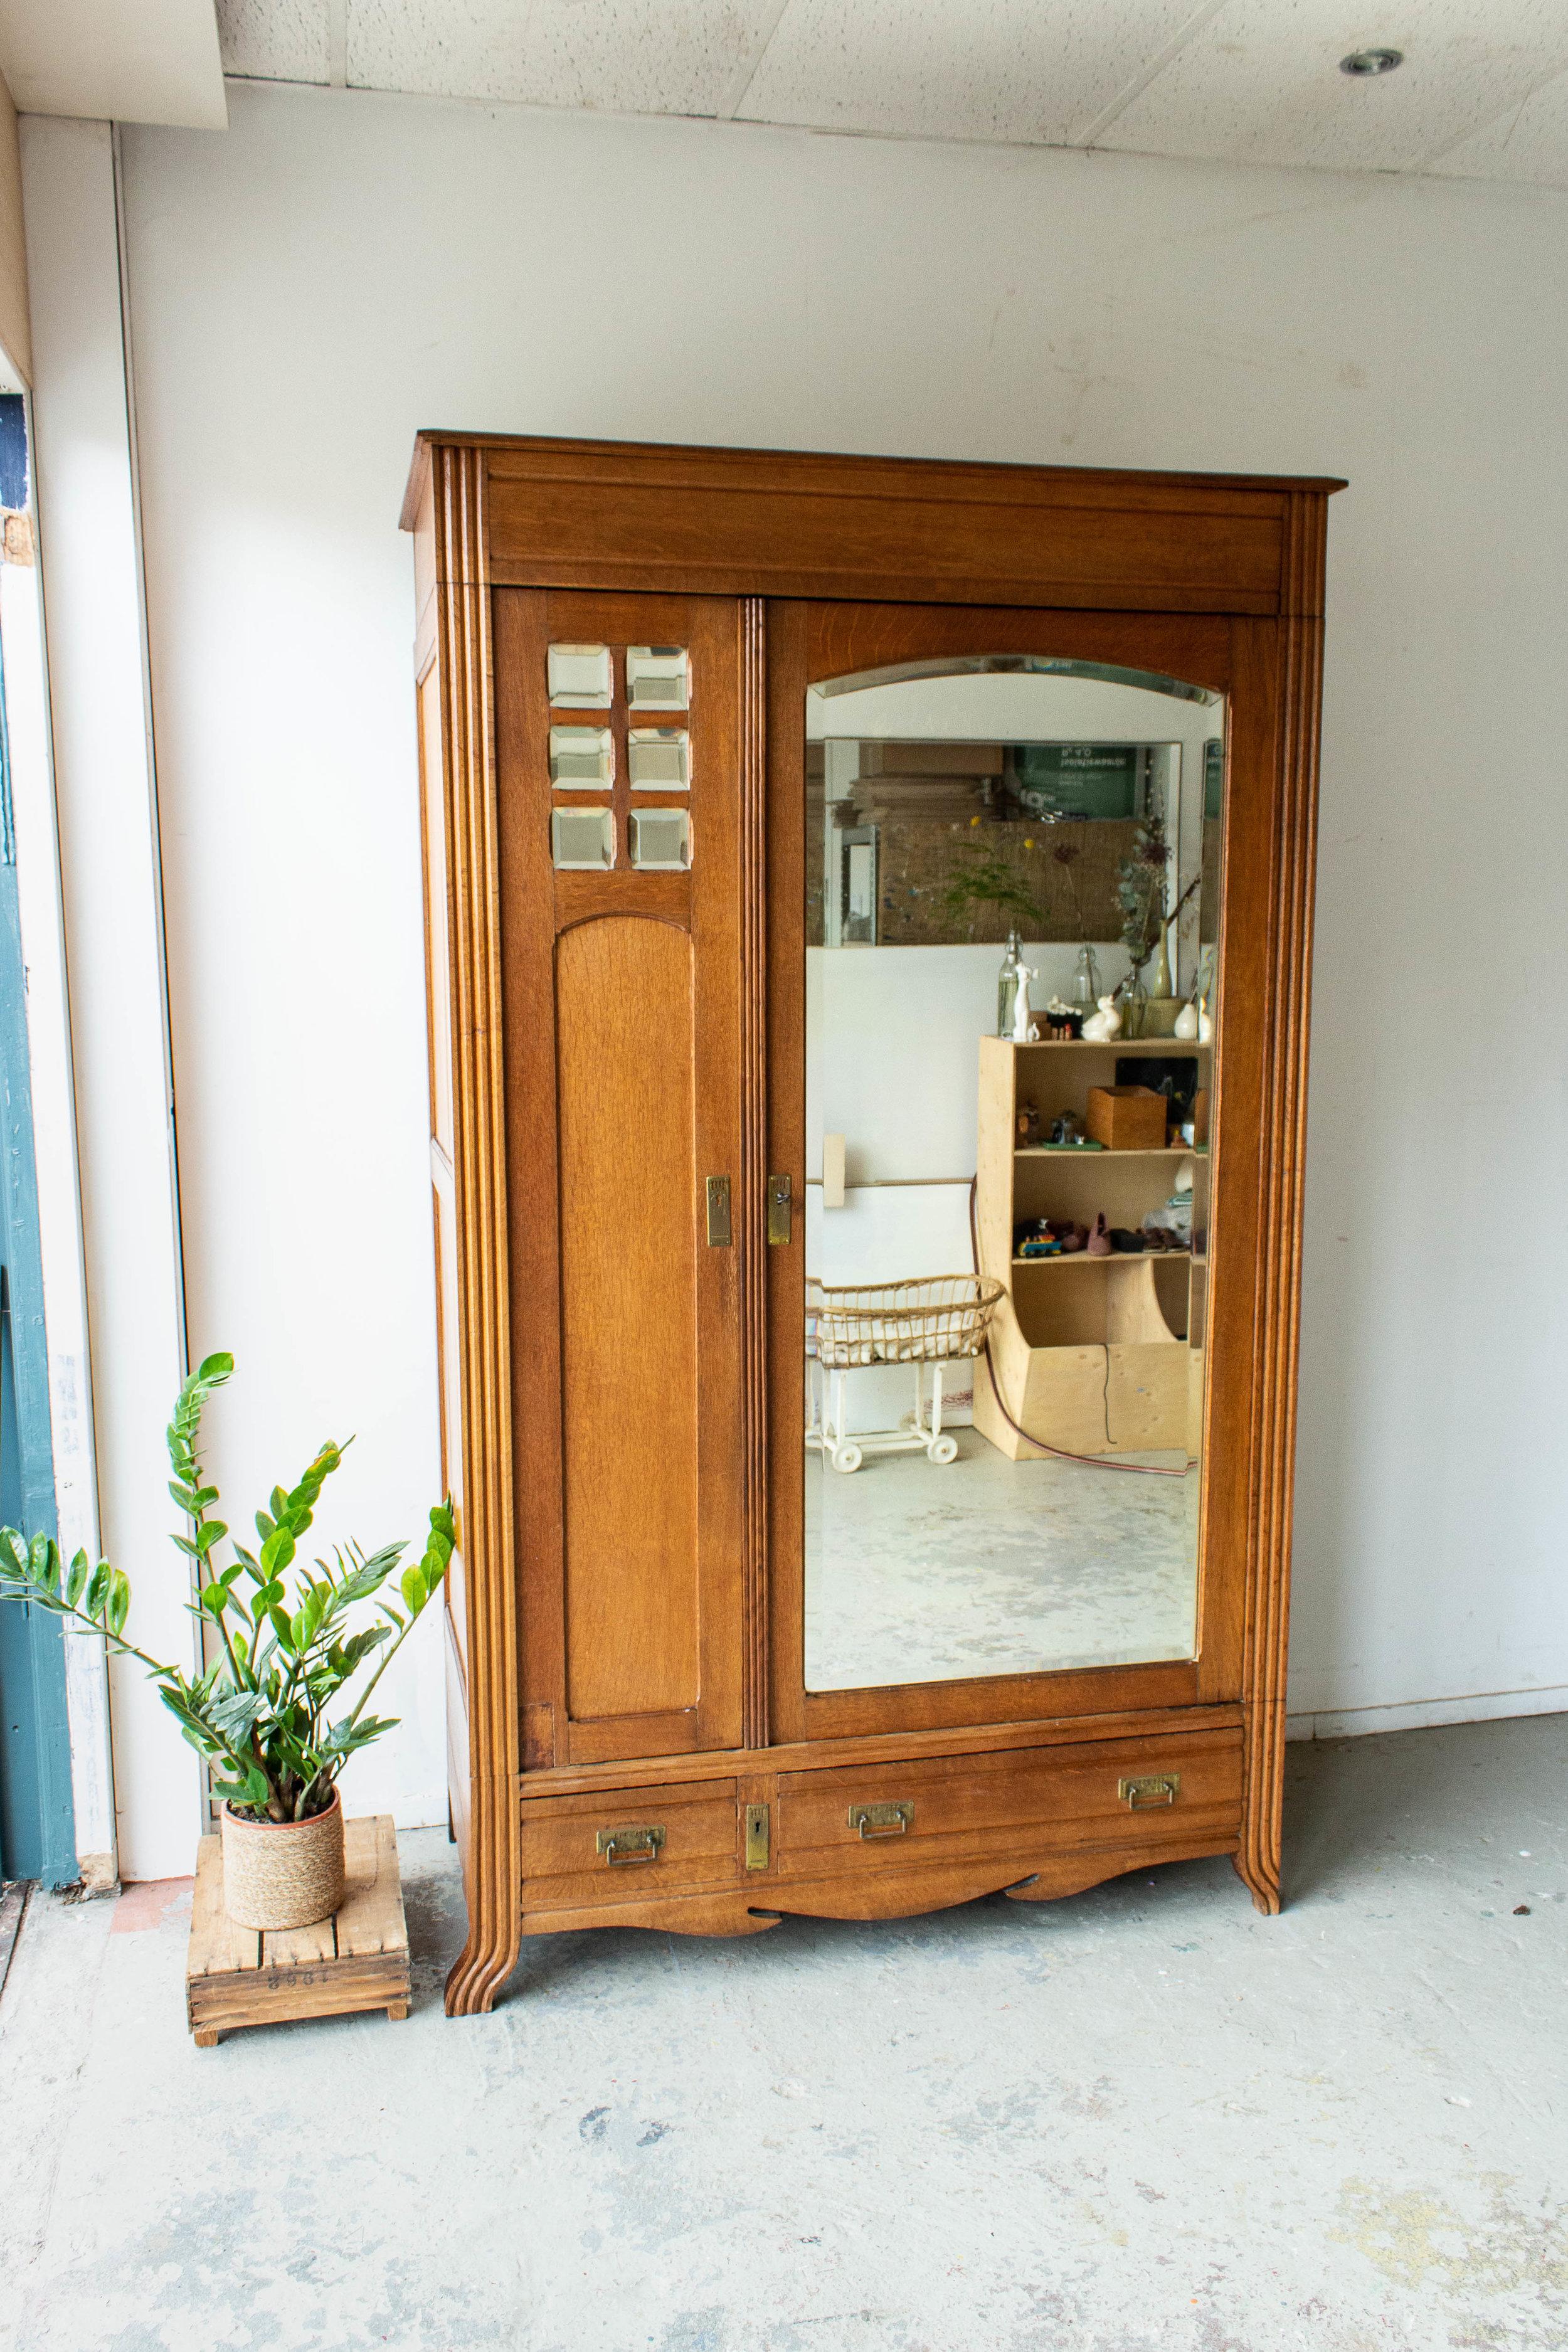 1558 - Demontabele vintage spiegelkast met vierkantjes-8.jpg